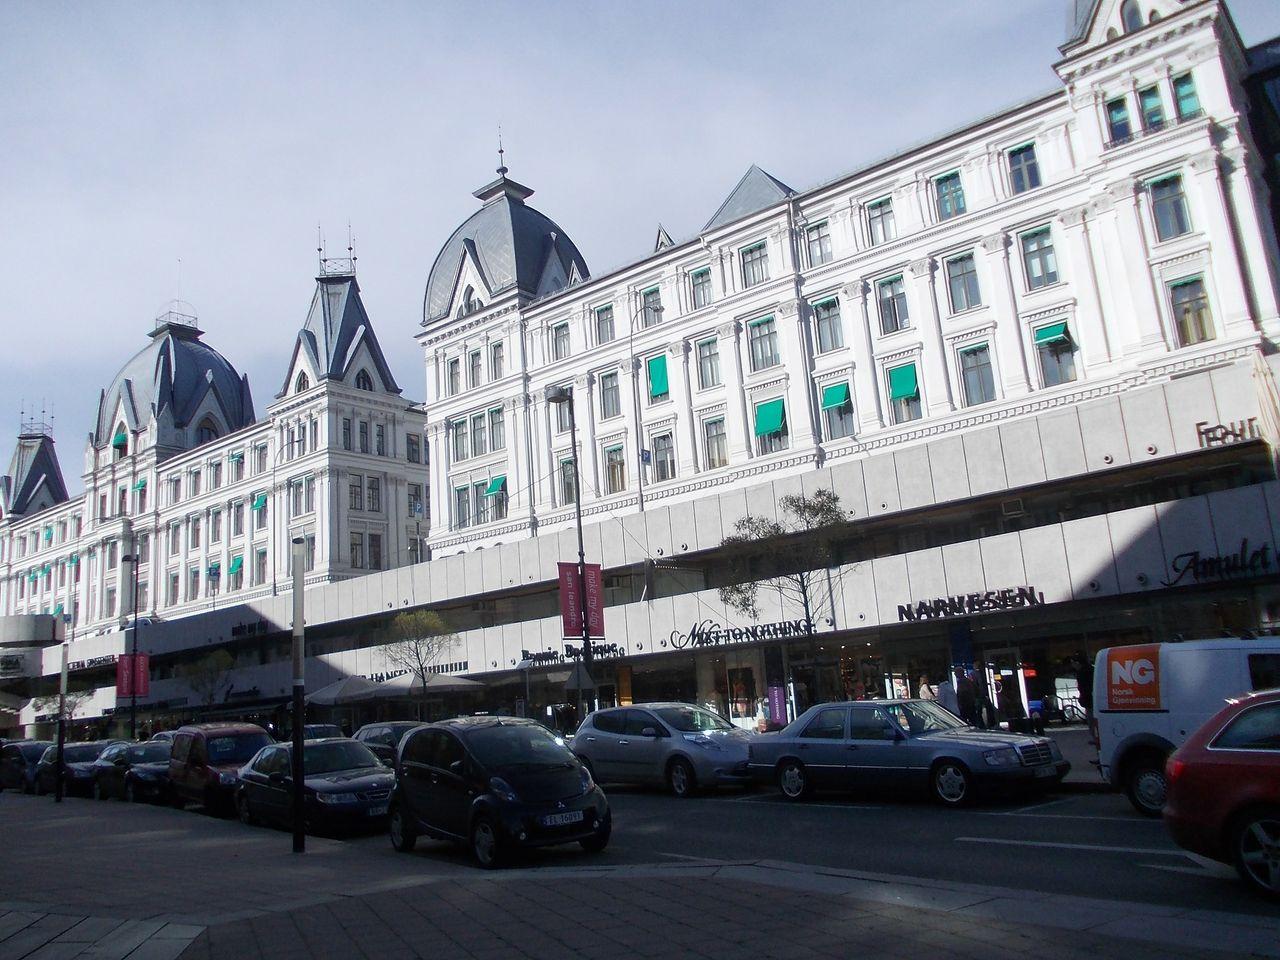 Luften i Oslo klassas som hälsofarlig